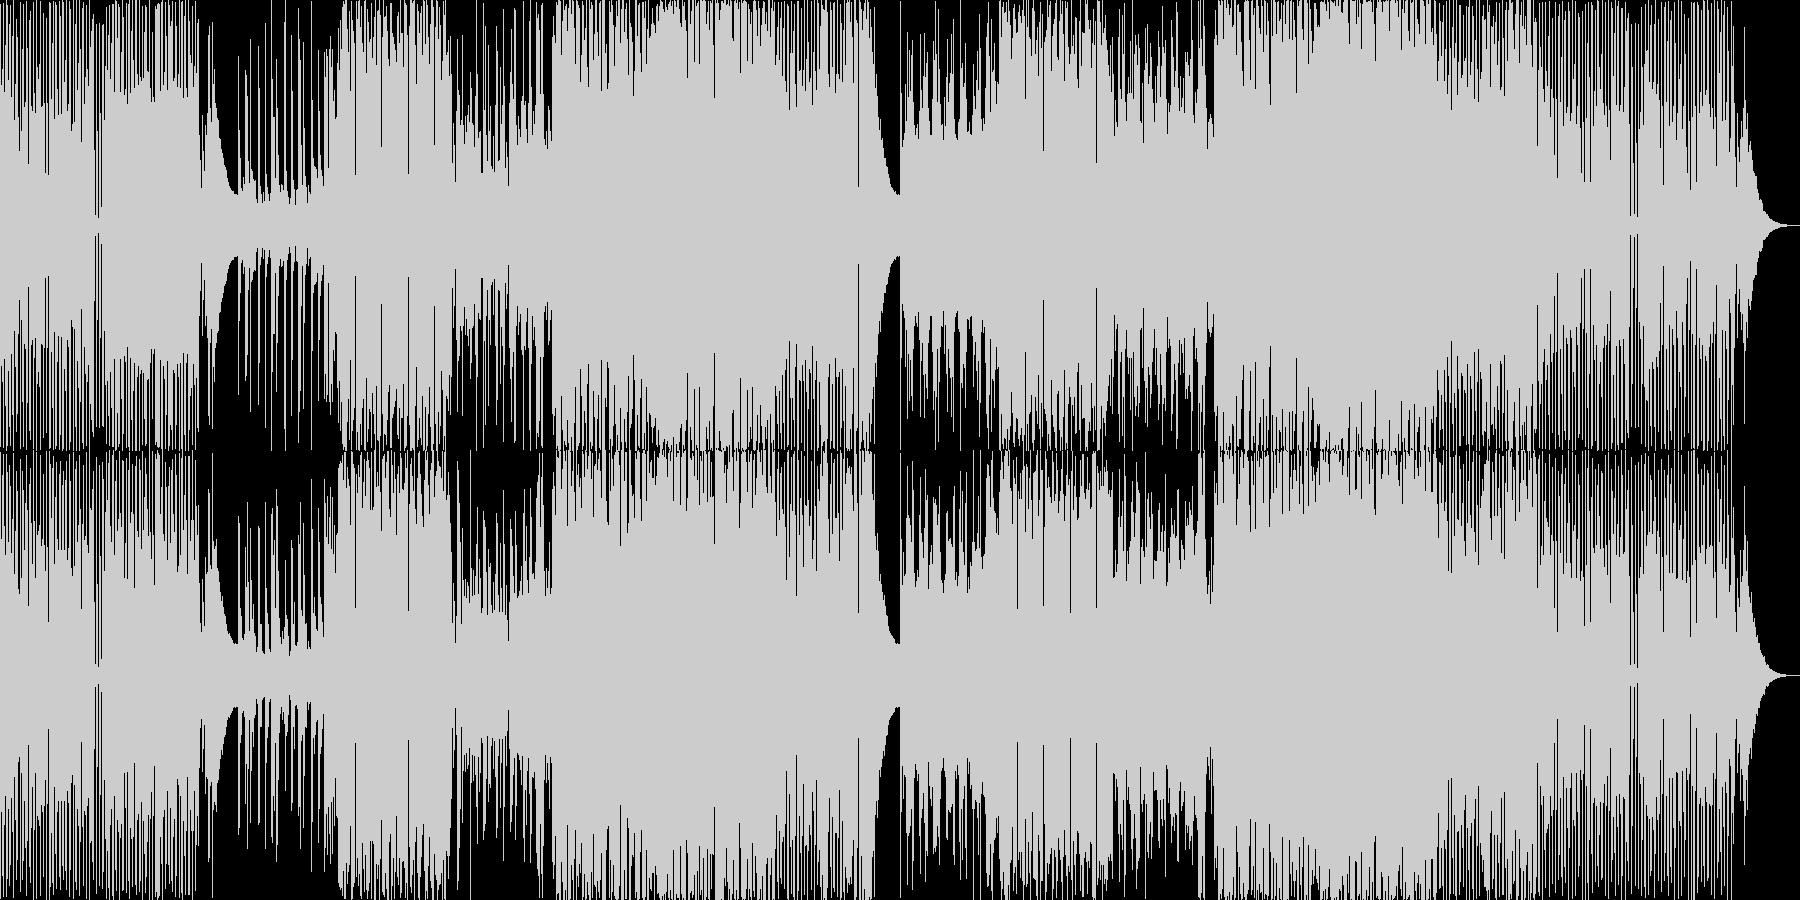 トランス風のきらびやかなEDM系BGMの未再生の波形